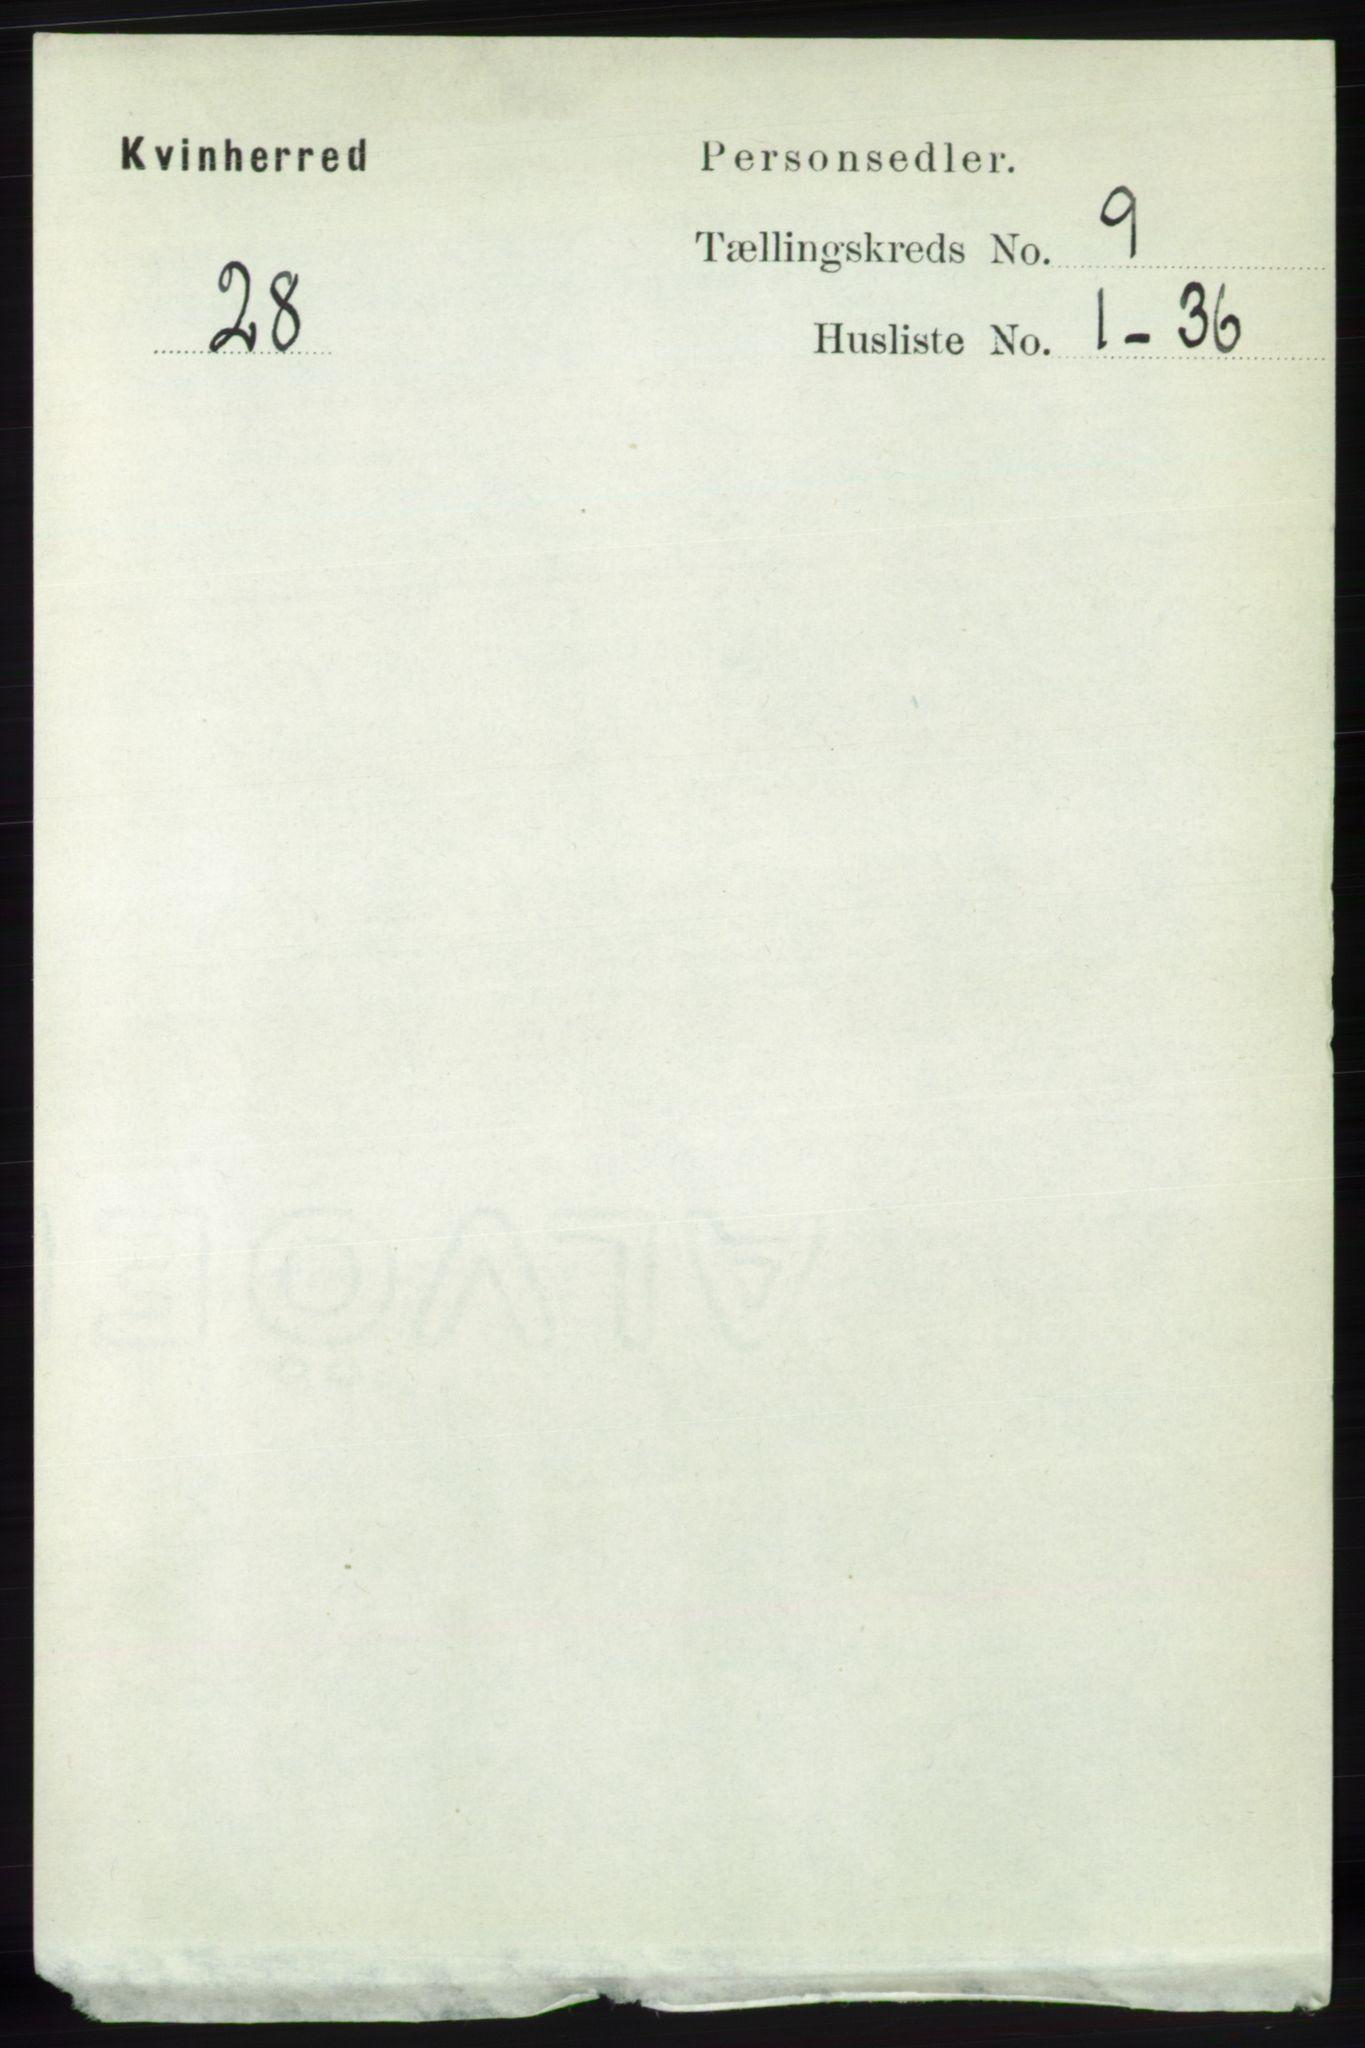 RA, Folketelling 1891 for 1224 Kvinnherad herred, 1891, s. 3302